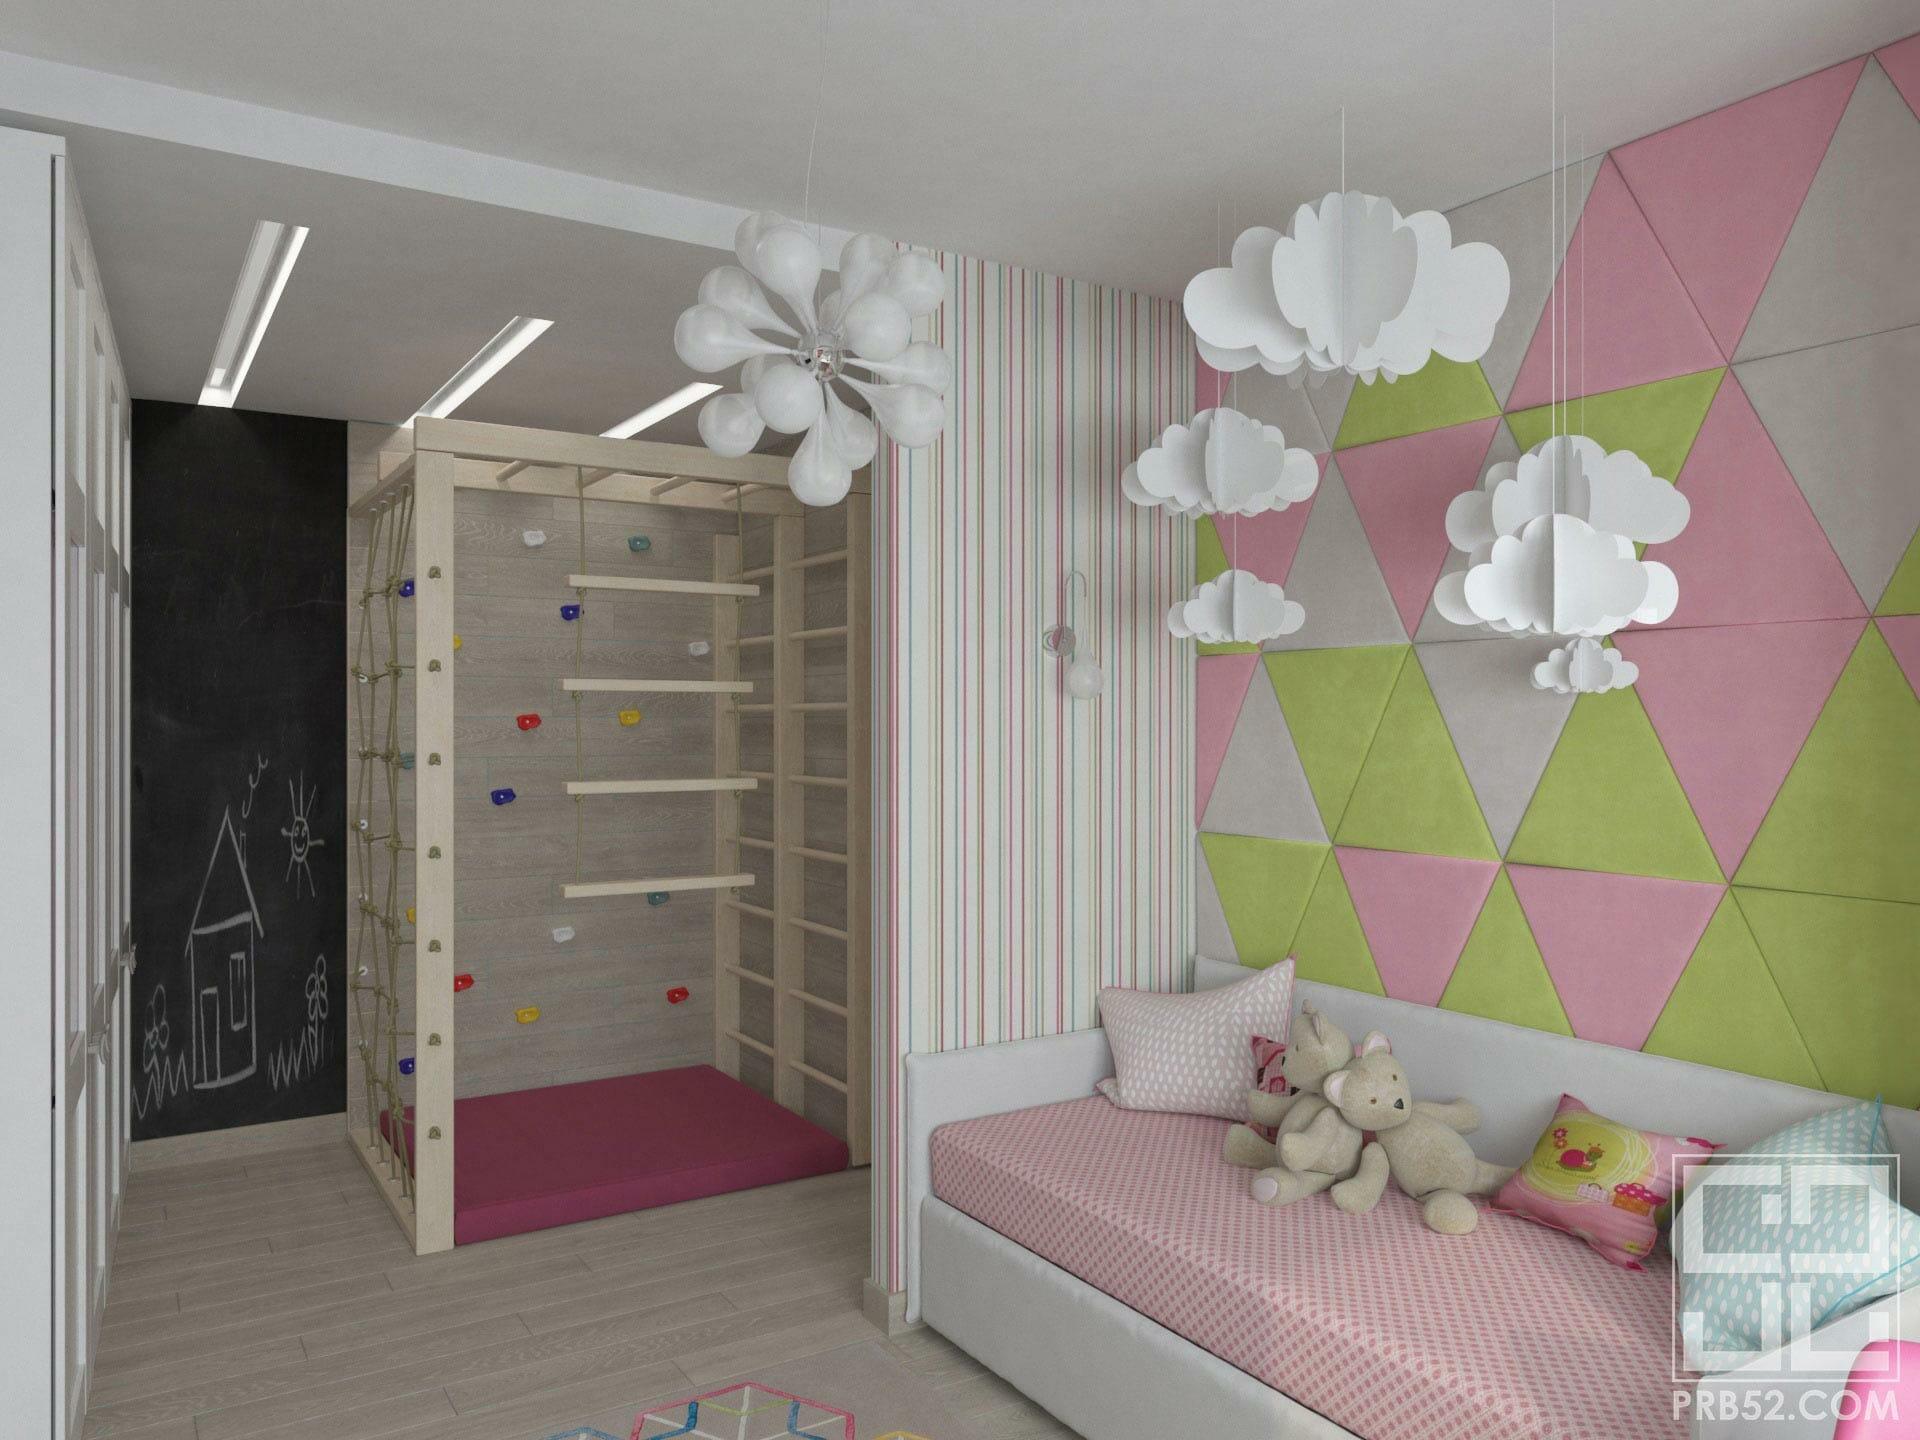 дизайн интерьера детской комнаты идеи